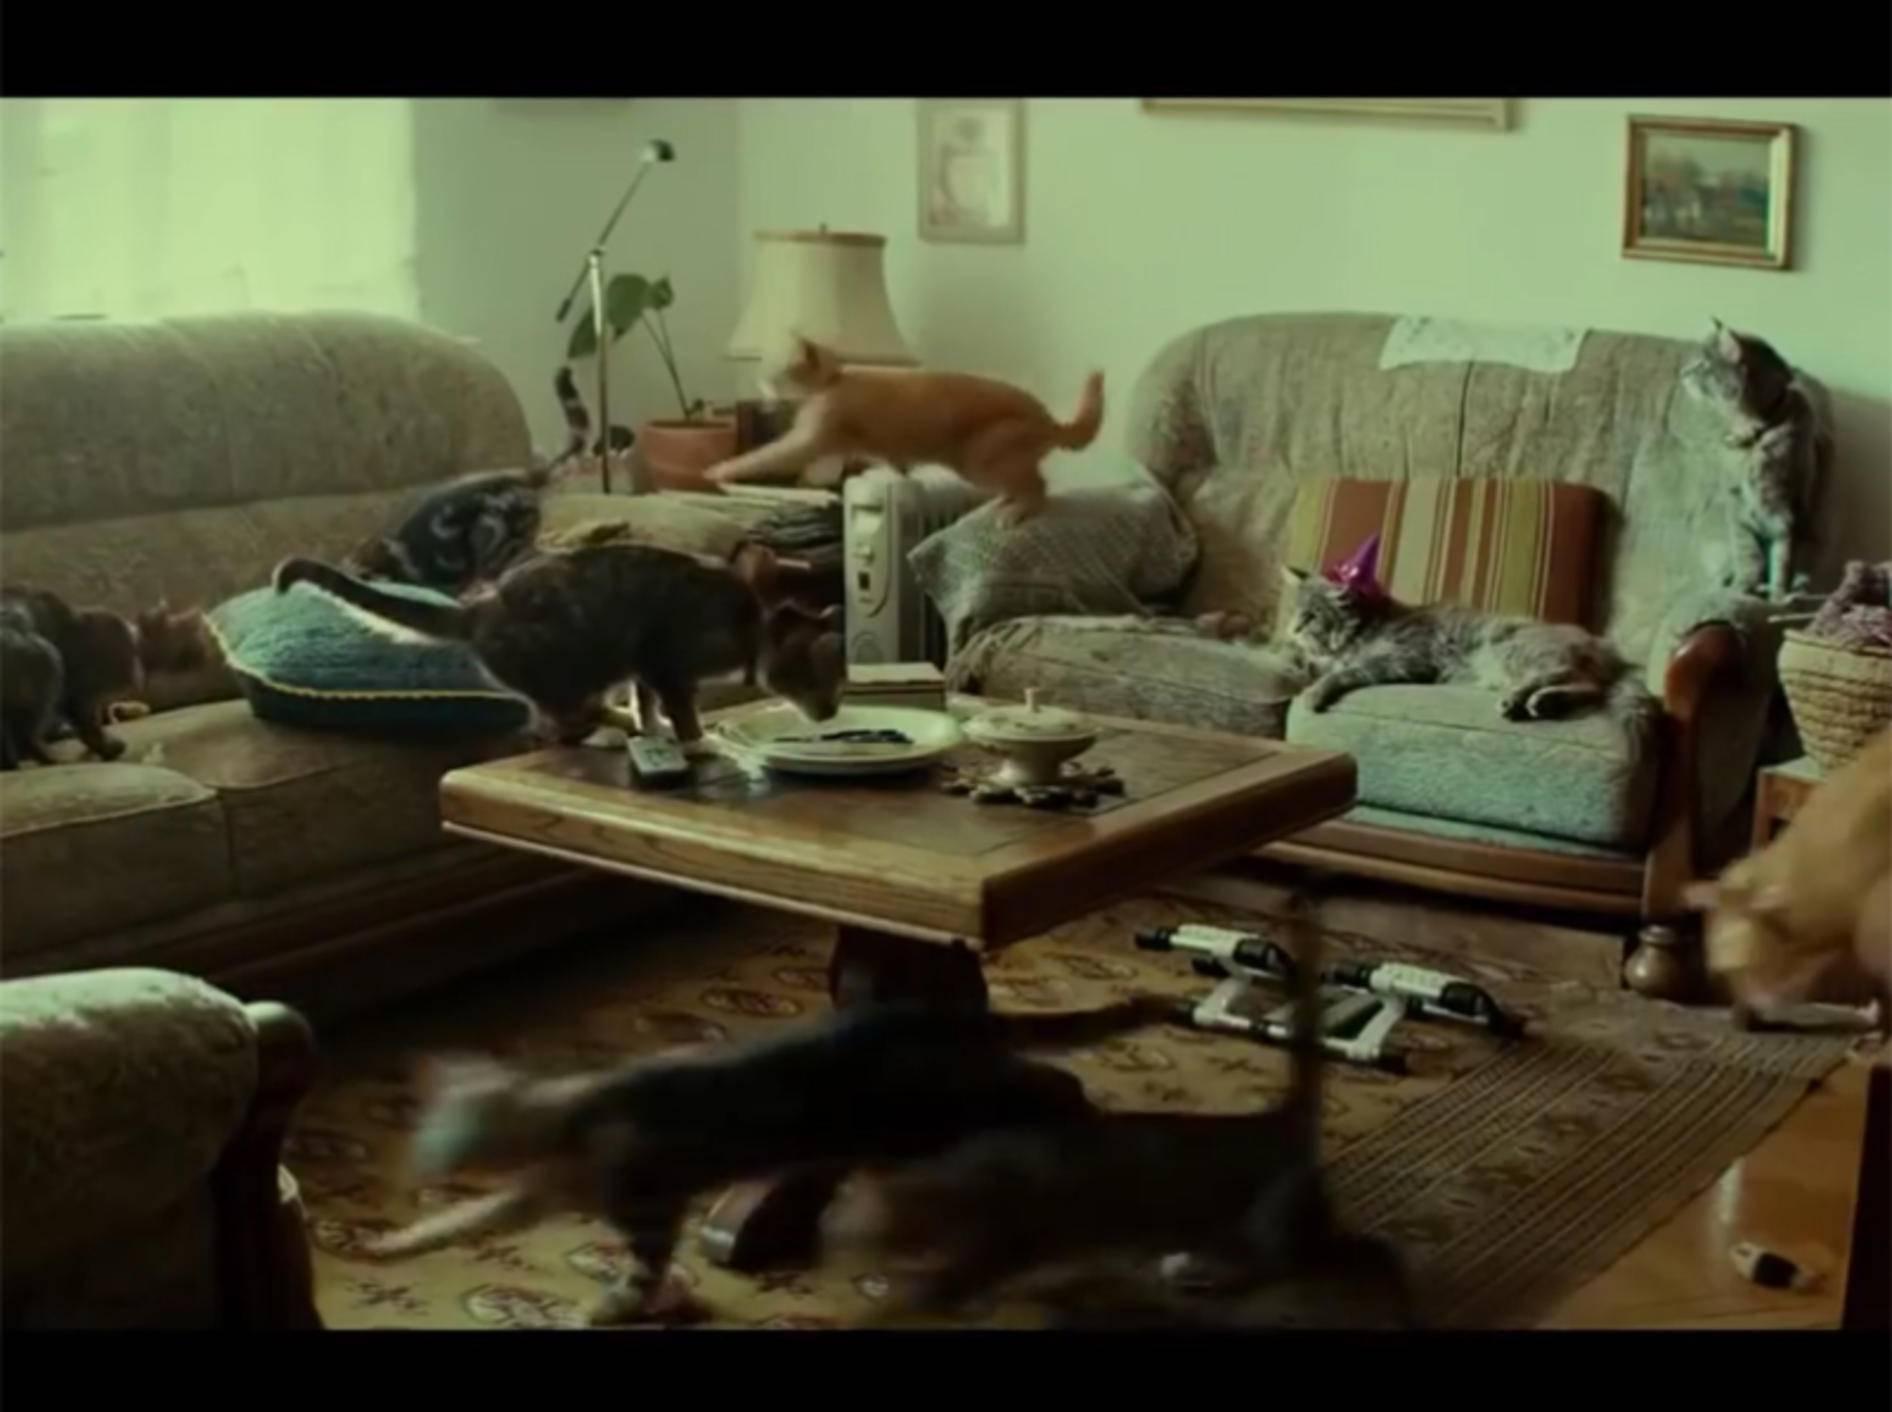 Japanischer Werbespot zeigt Katze allein zu Haus – YouTube / Animals Love